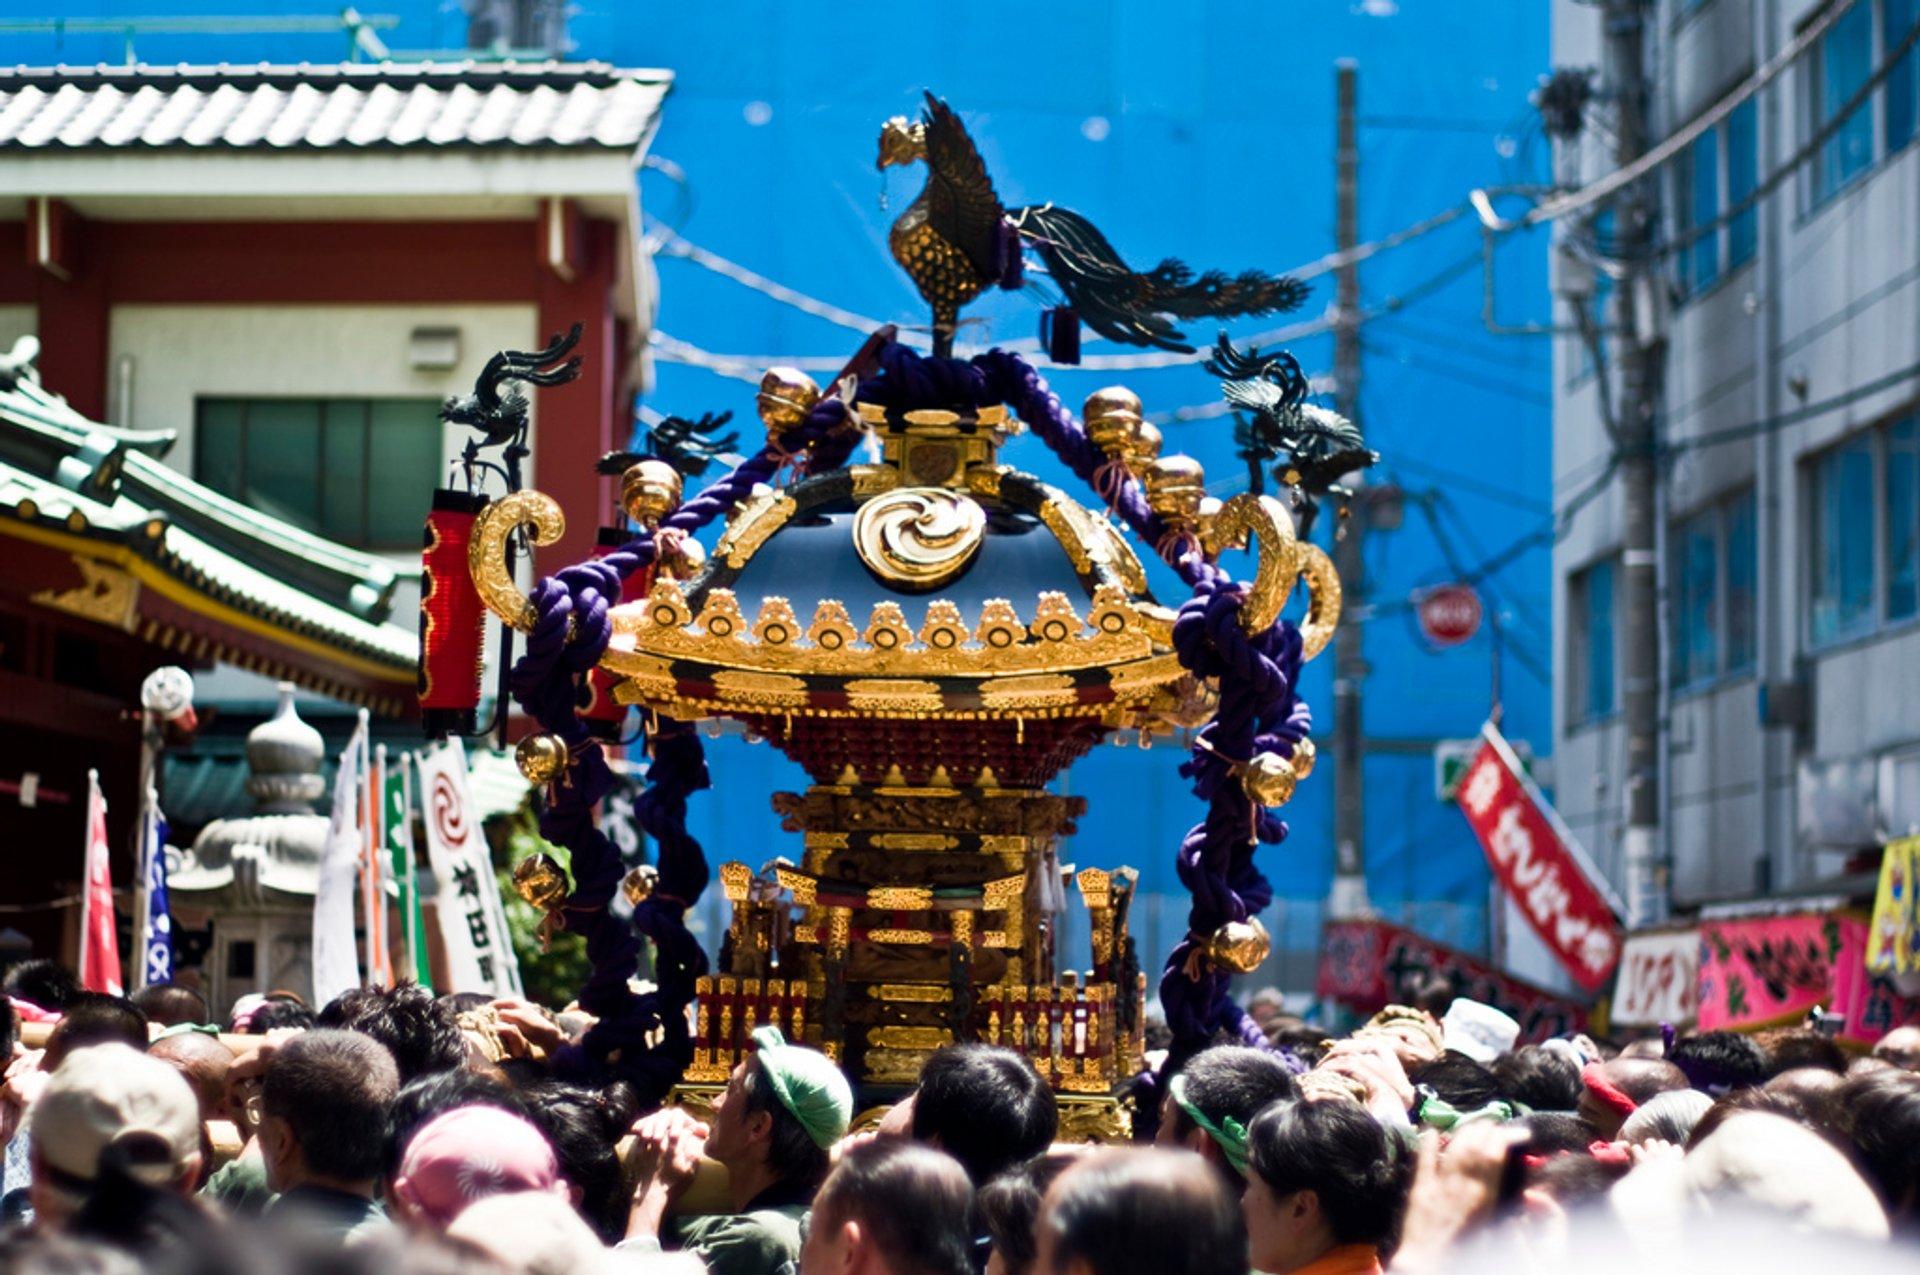 Best time for Kanda Matsuri in Tokyo 2020